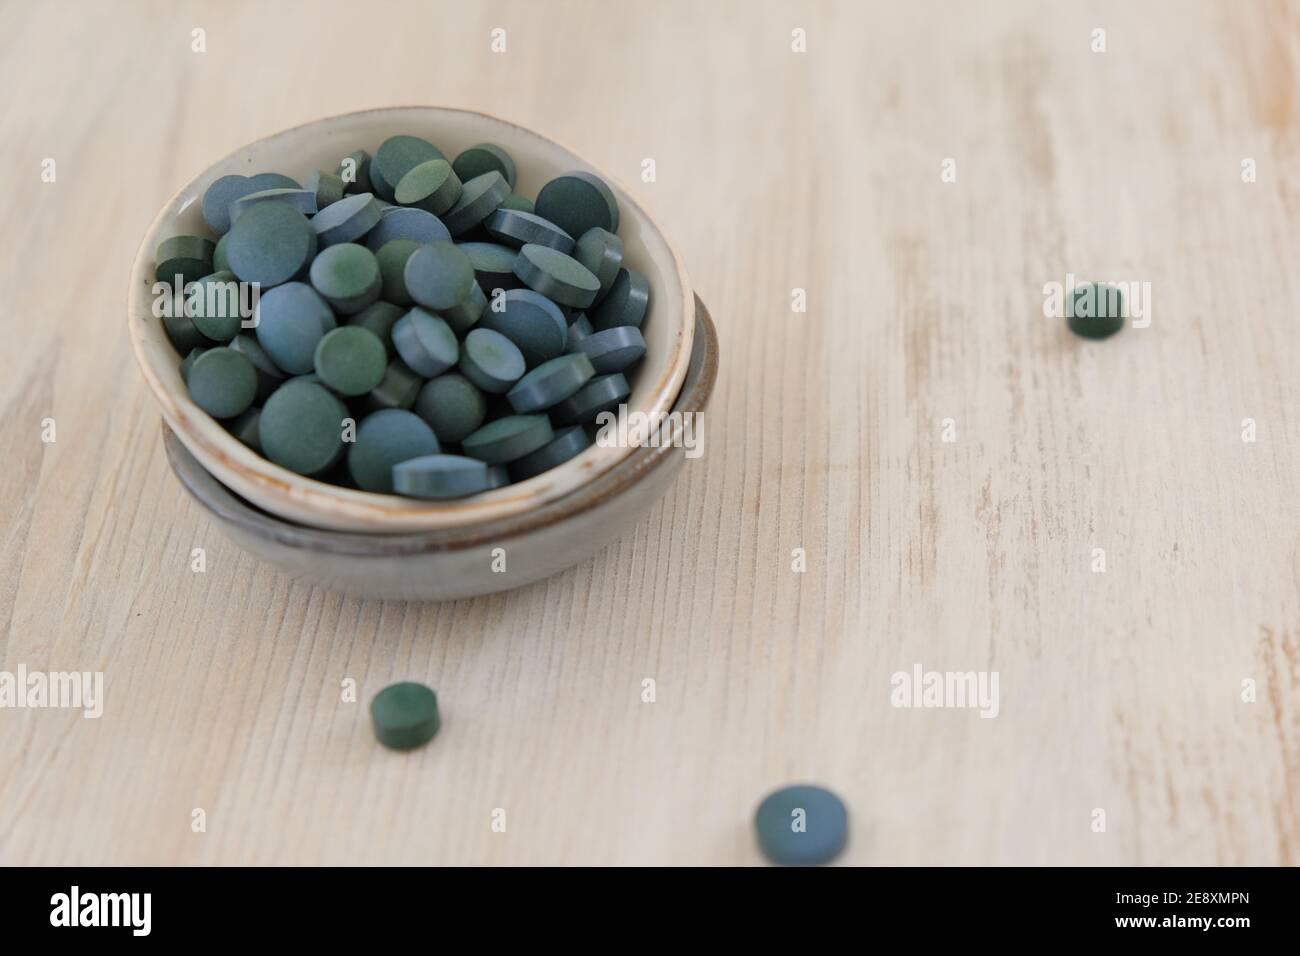 Spiruline algue vert en comprimés dans des tasses rondes en céramique sur un fond de bois clair..Suppléments diététiques.Super nourriture. Algues biologiques saines Banque D'Images